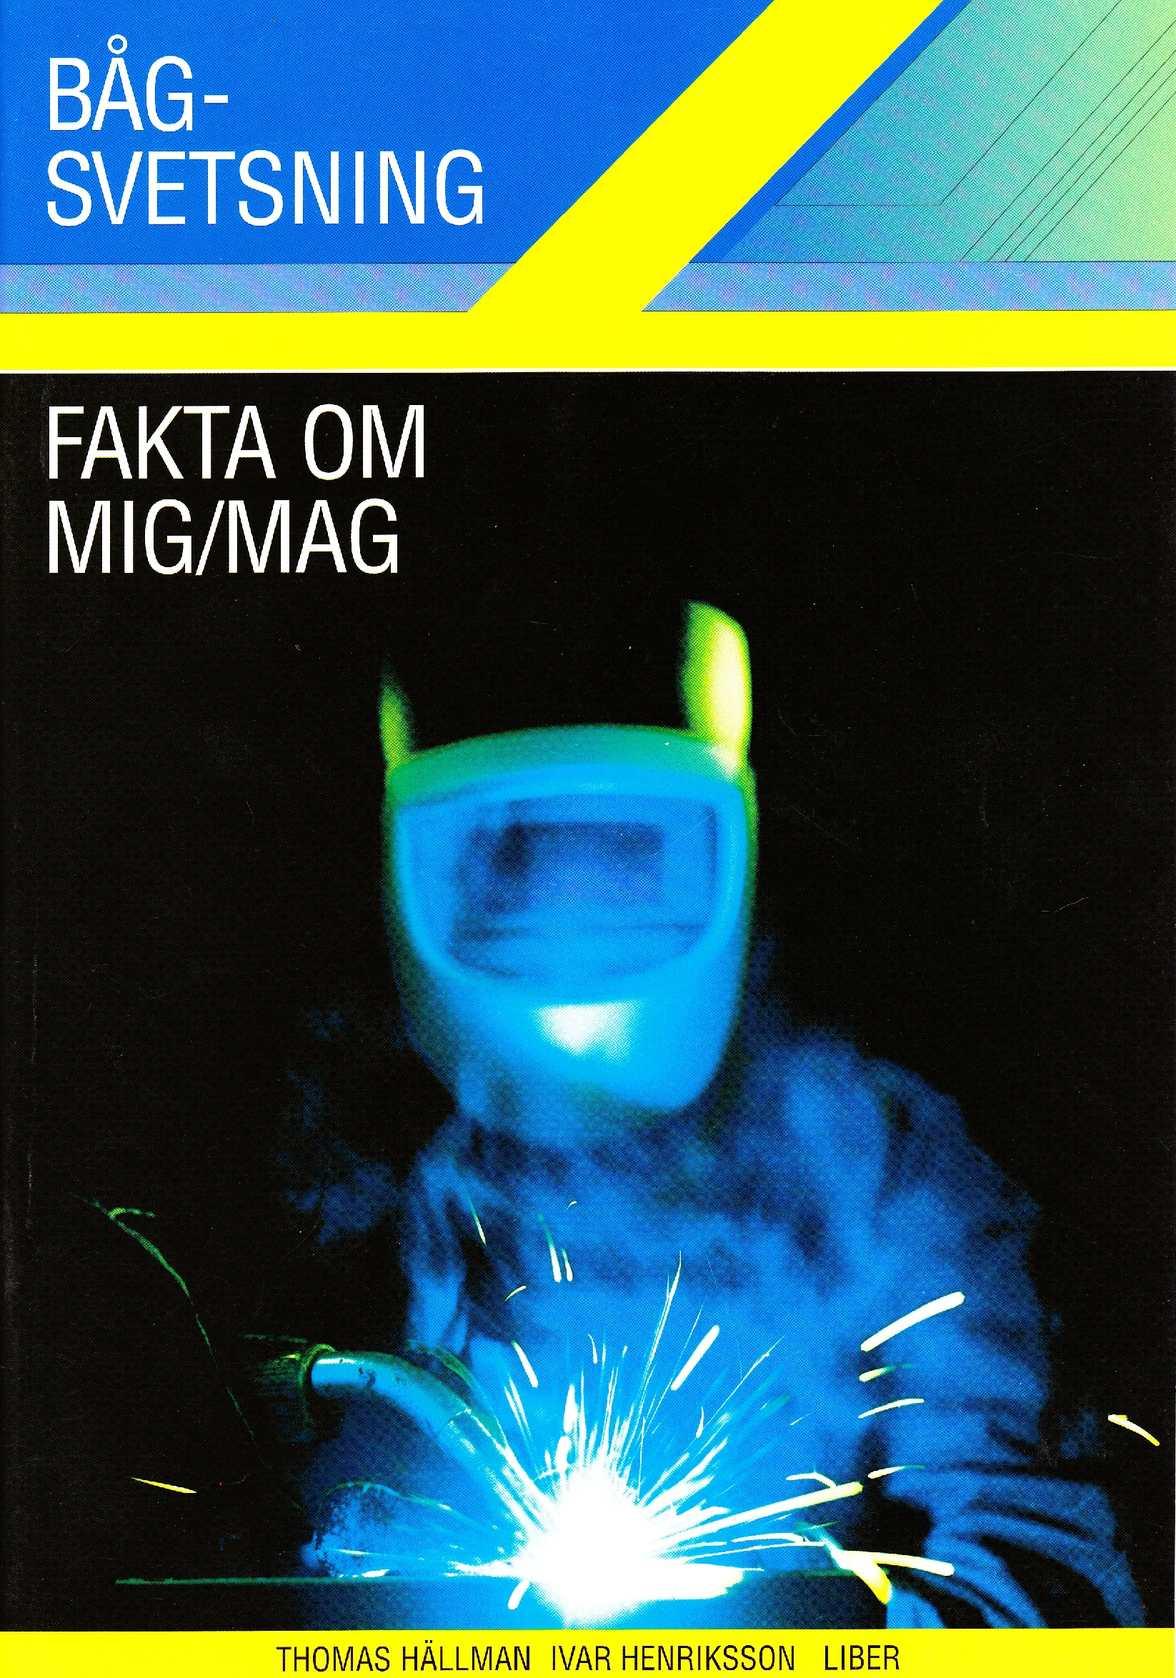 Fakta om MIG/MAG bågsvetsning